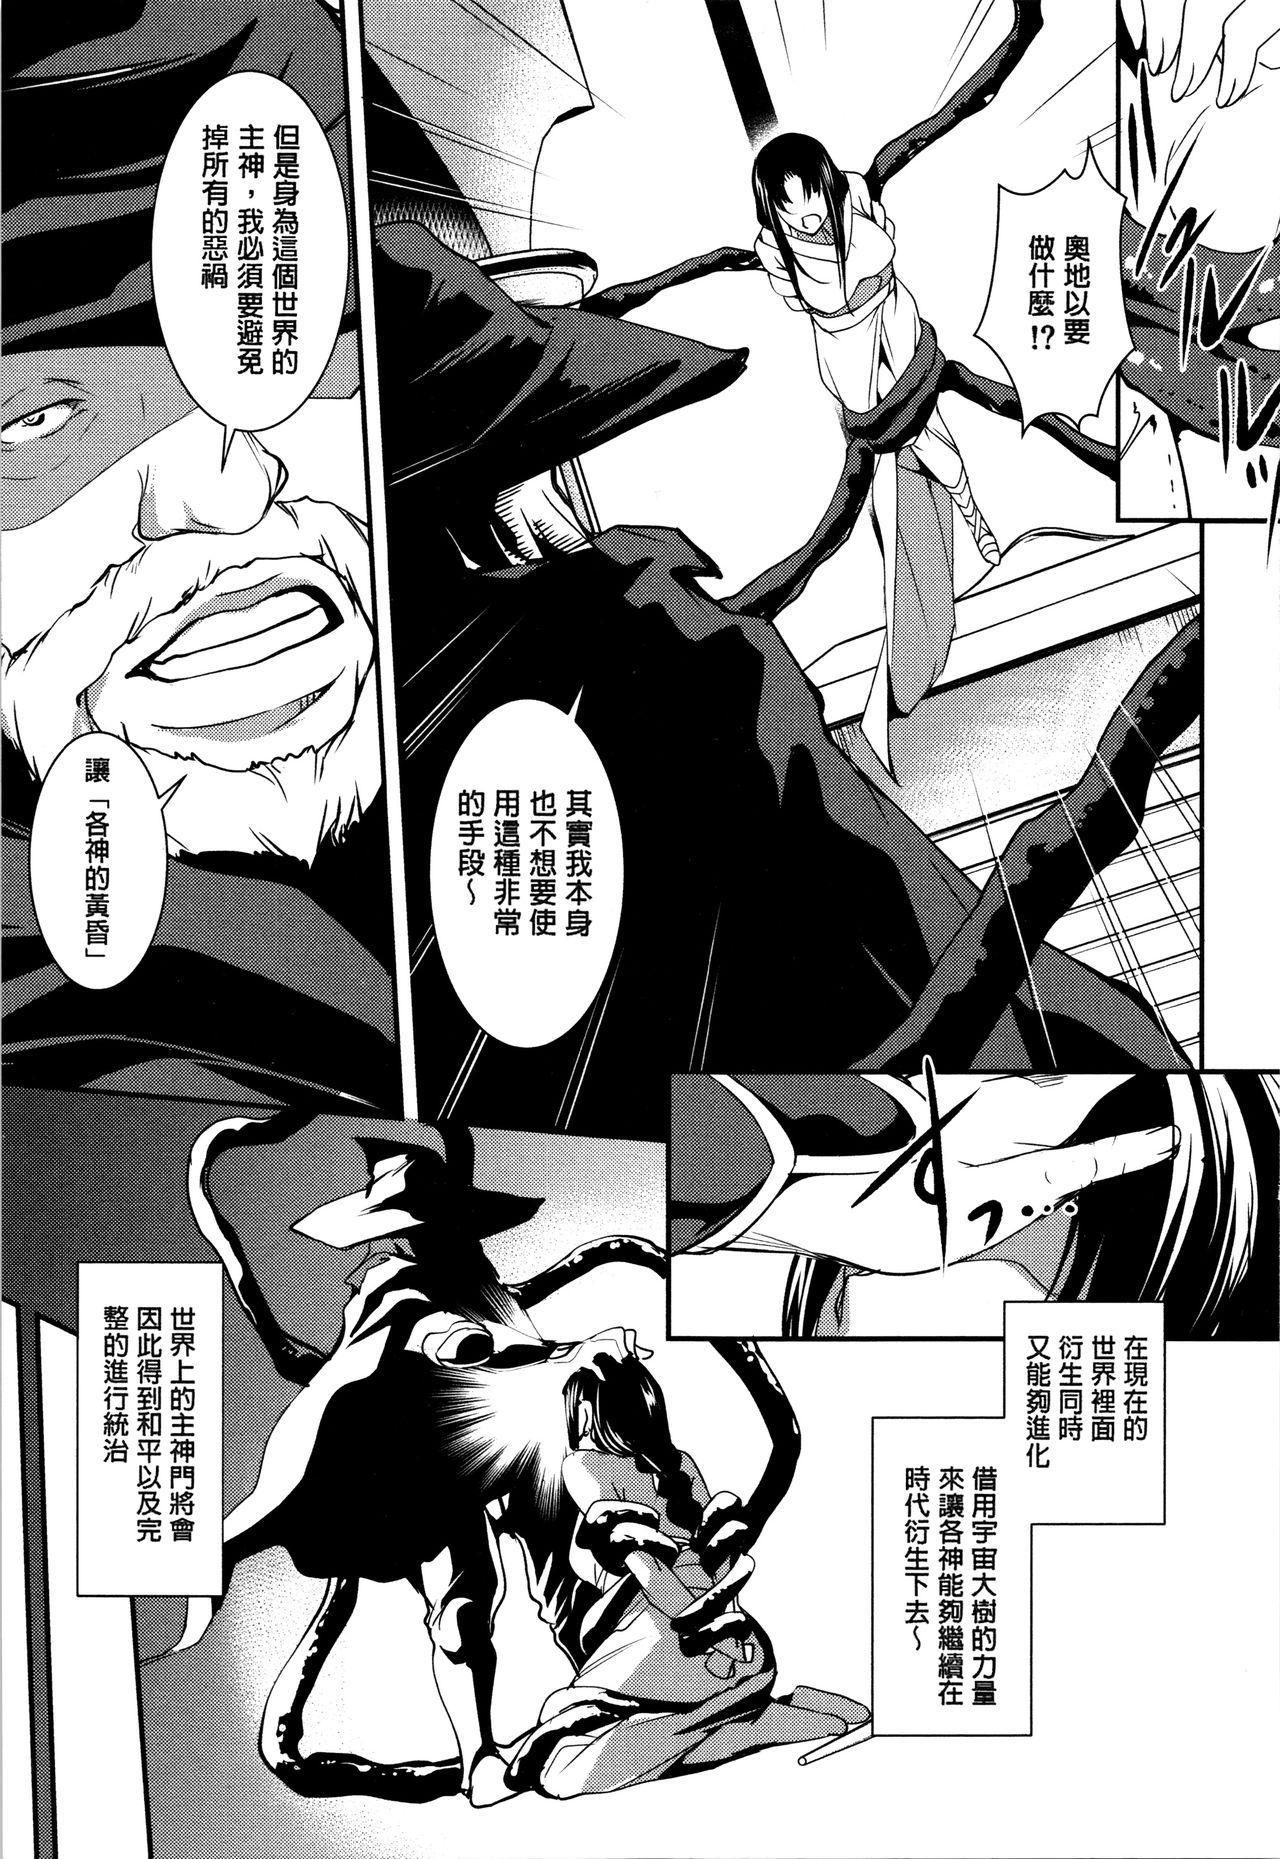 Shikyuu Yuugi 103